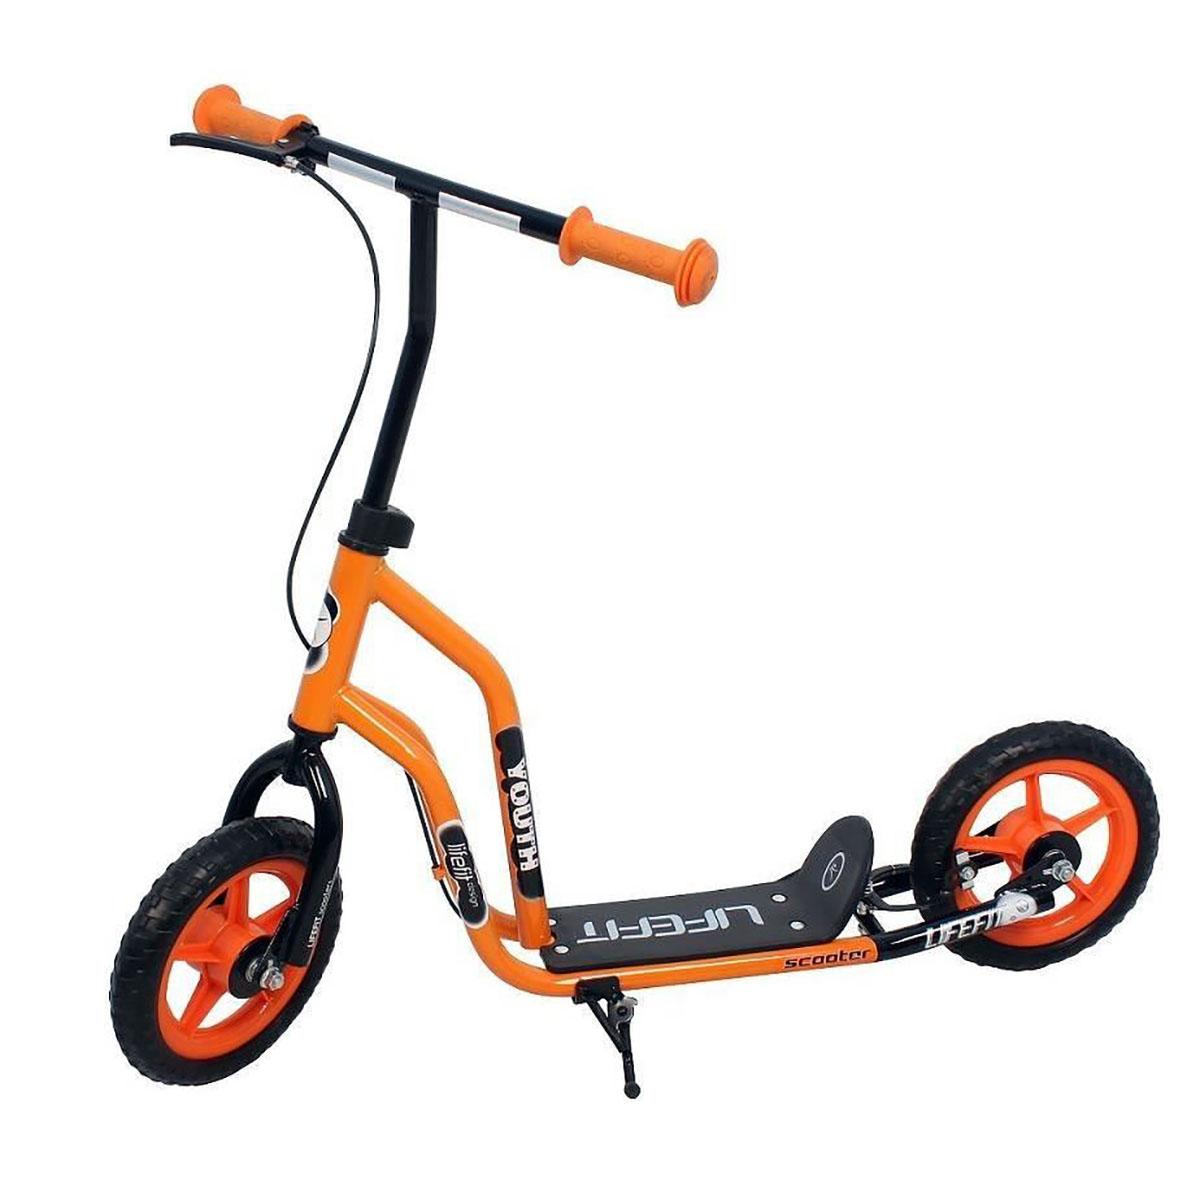 Trotineta cu roti de plastic 10 inch, DHS Youth, portocaliu cu negru